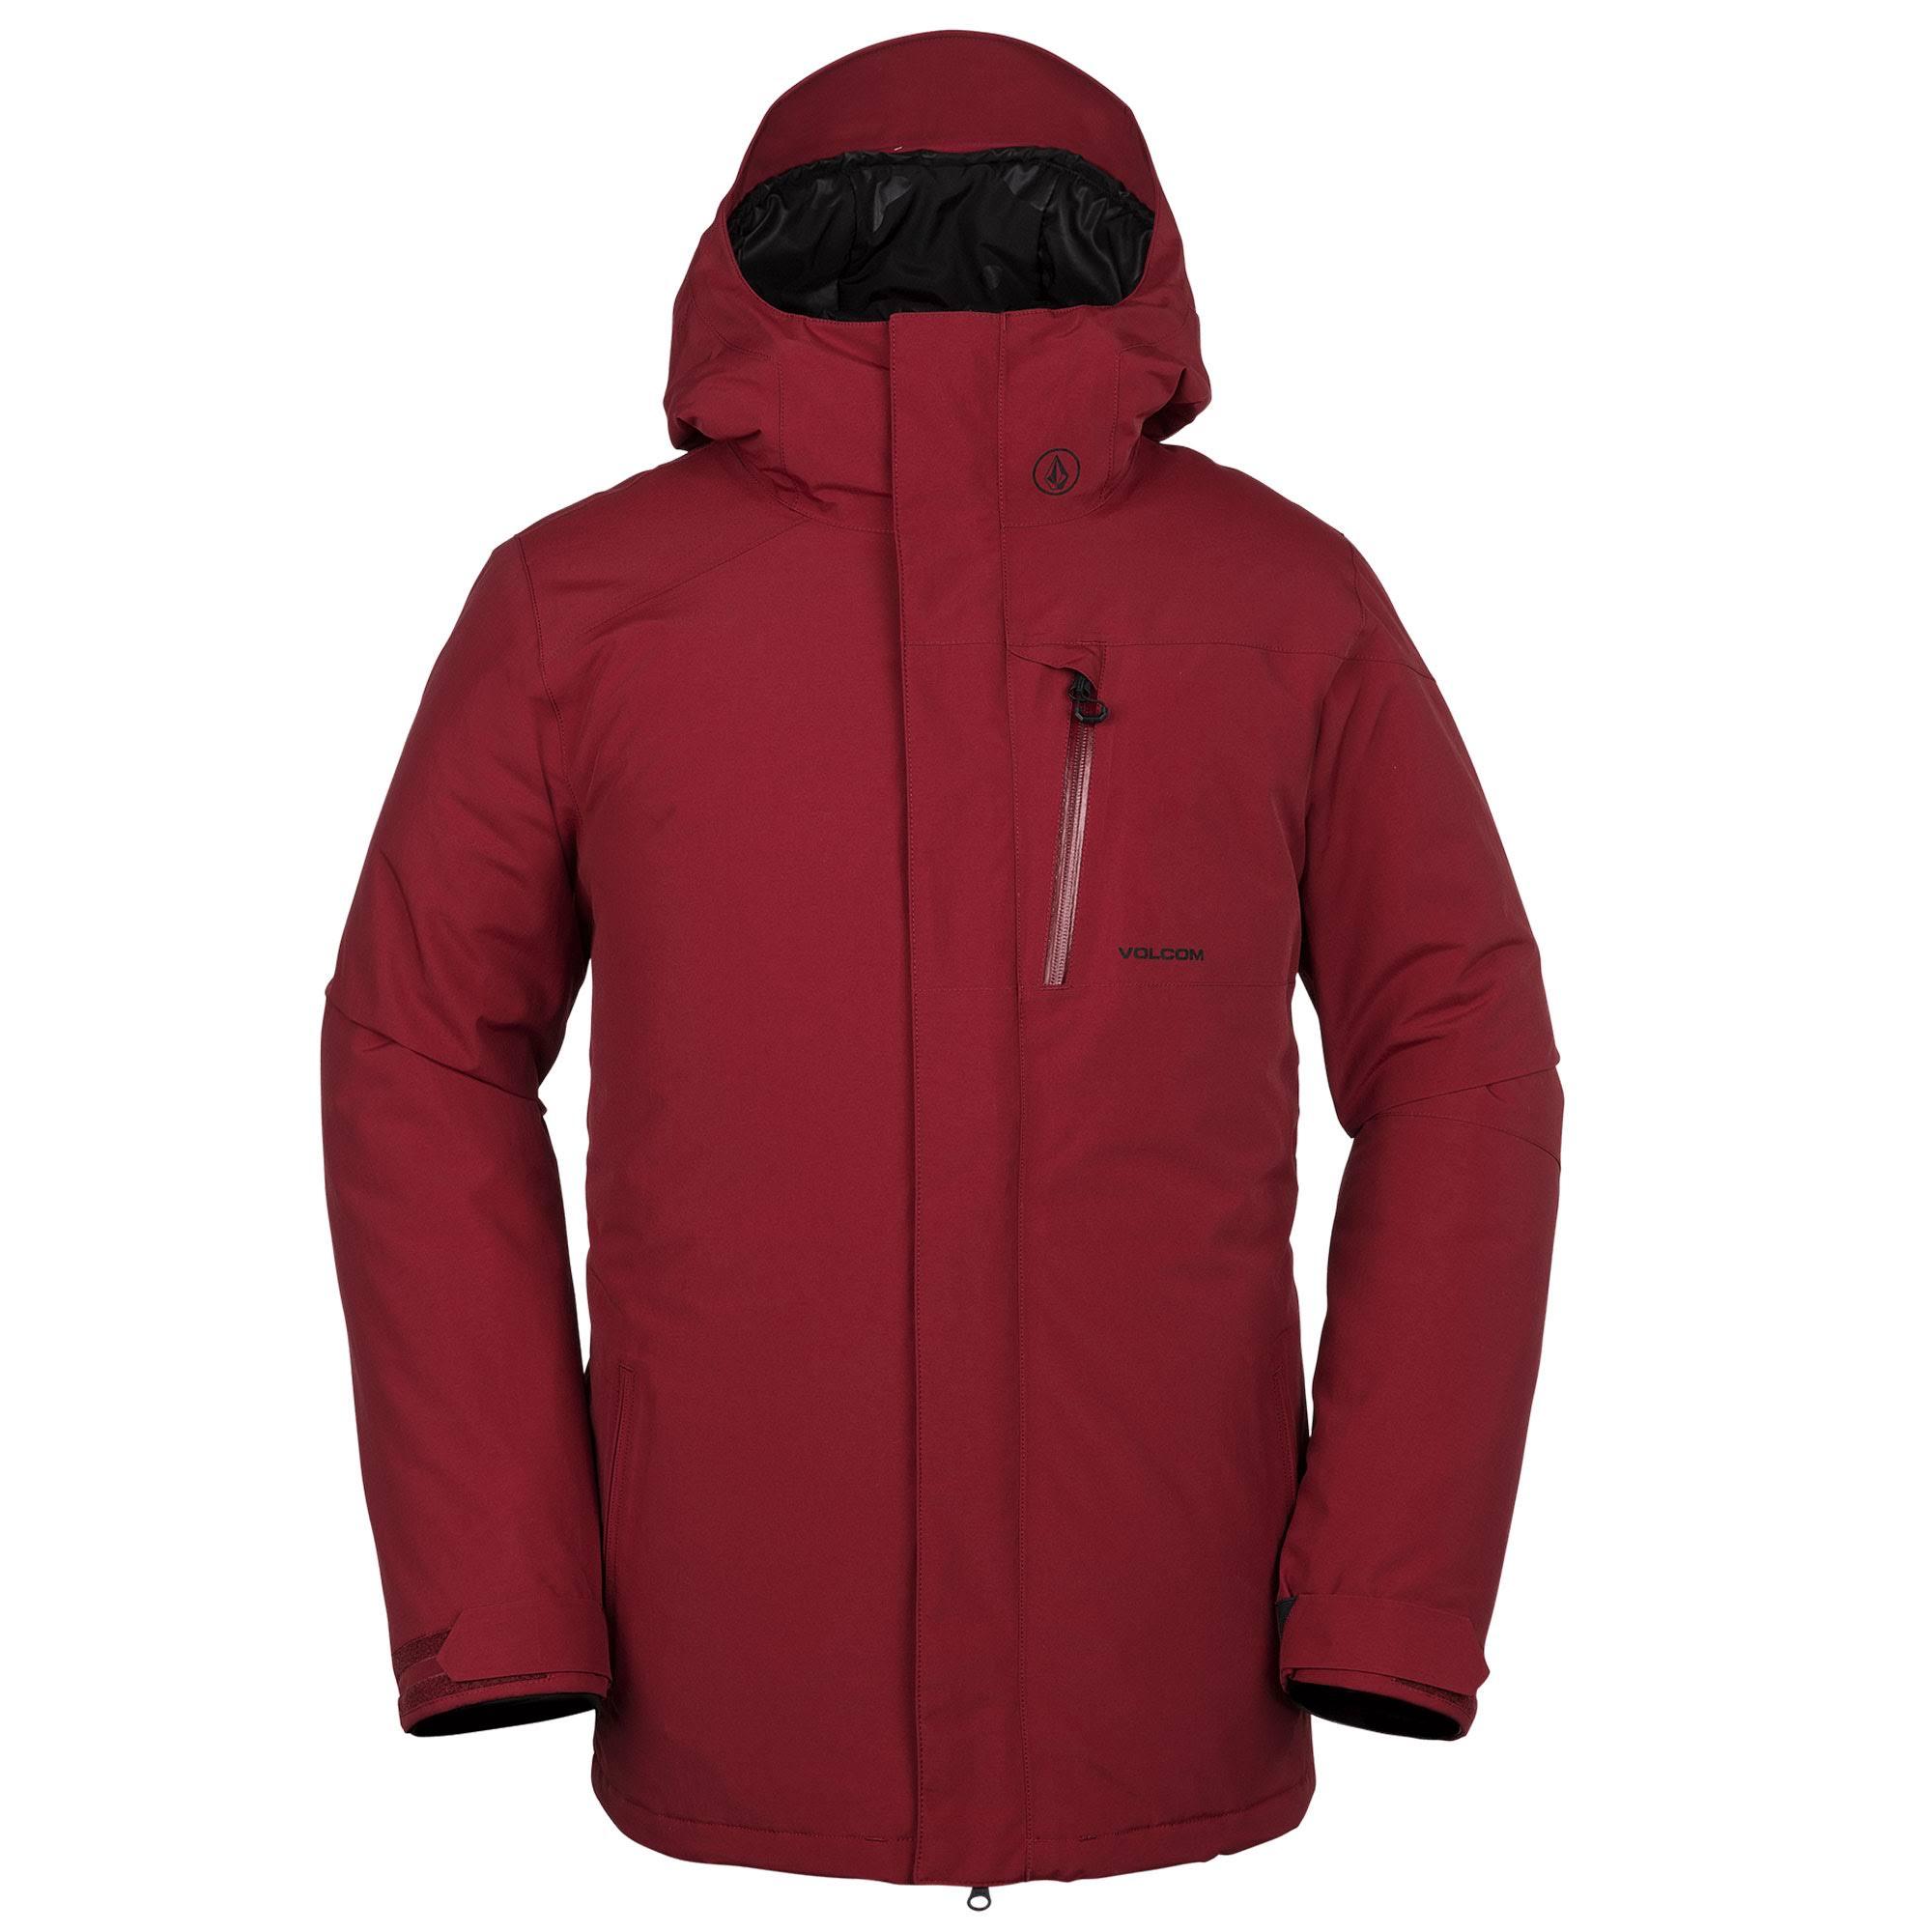 L Rojo Chaqueta M tex Gore Volcom 5q6FnwFBI